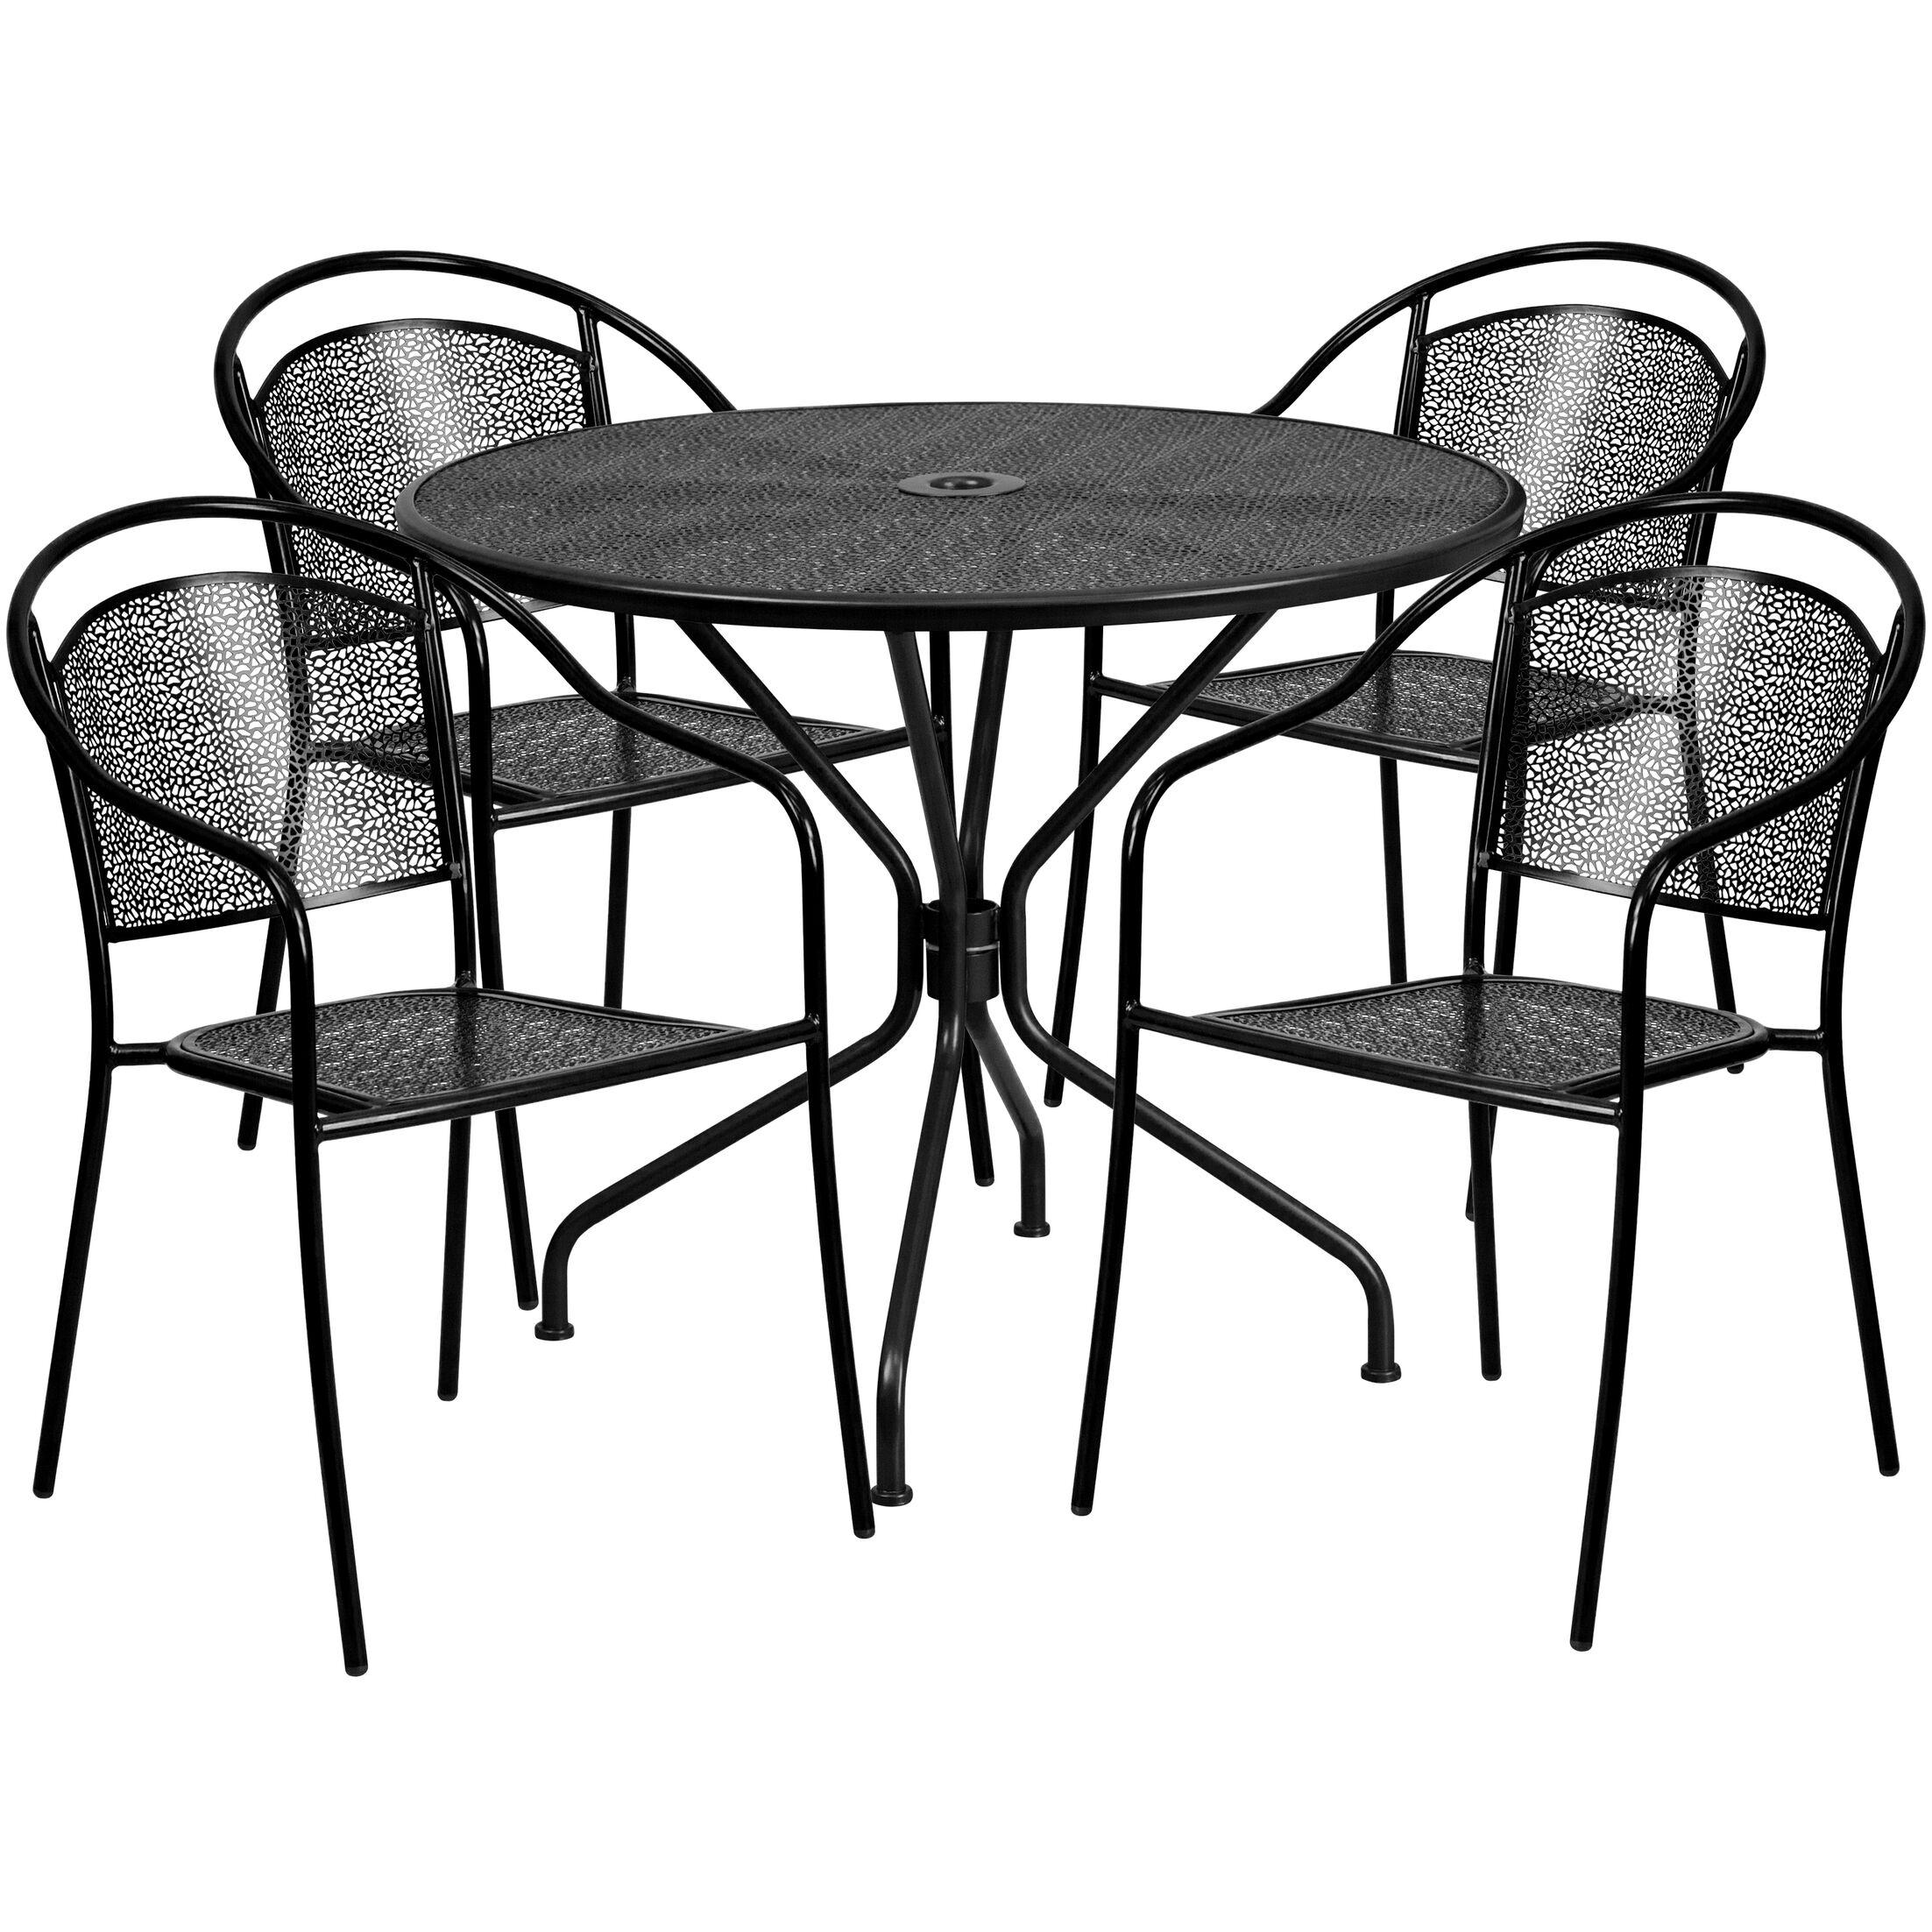 Hoyt 5 Piece Dining Set Color: Black